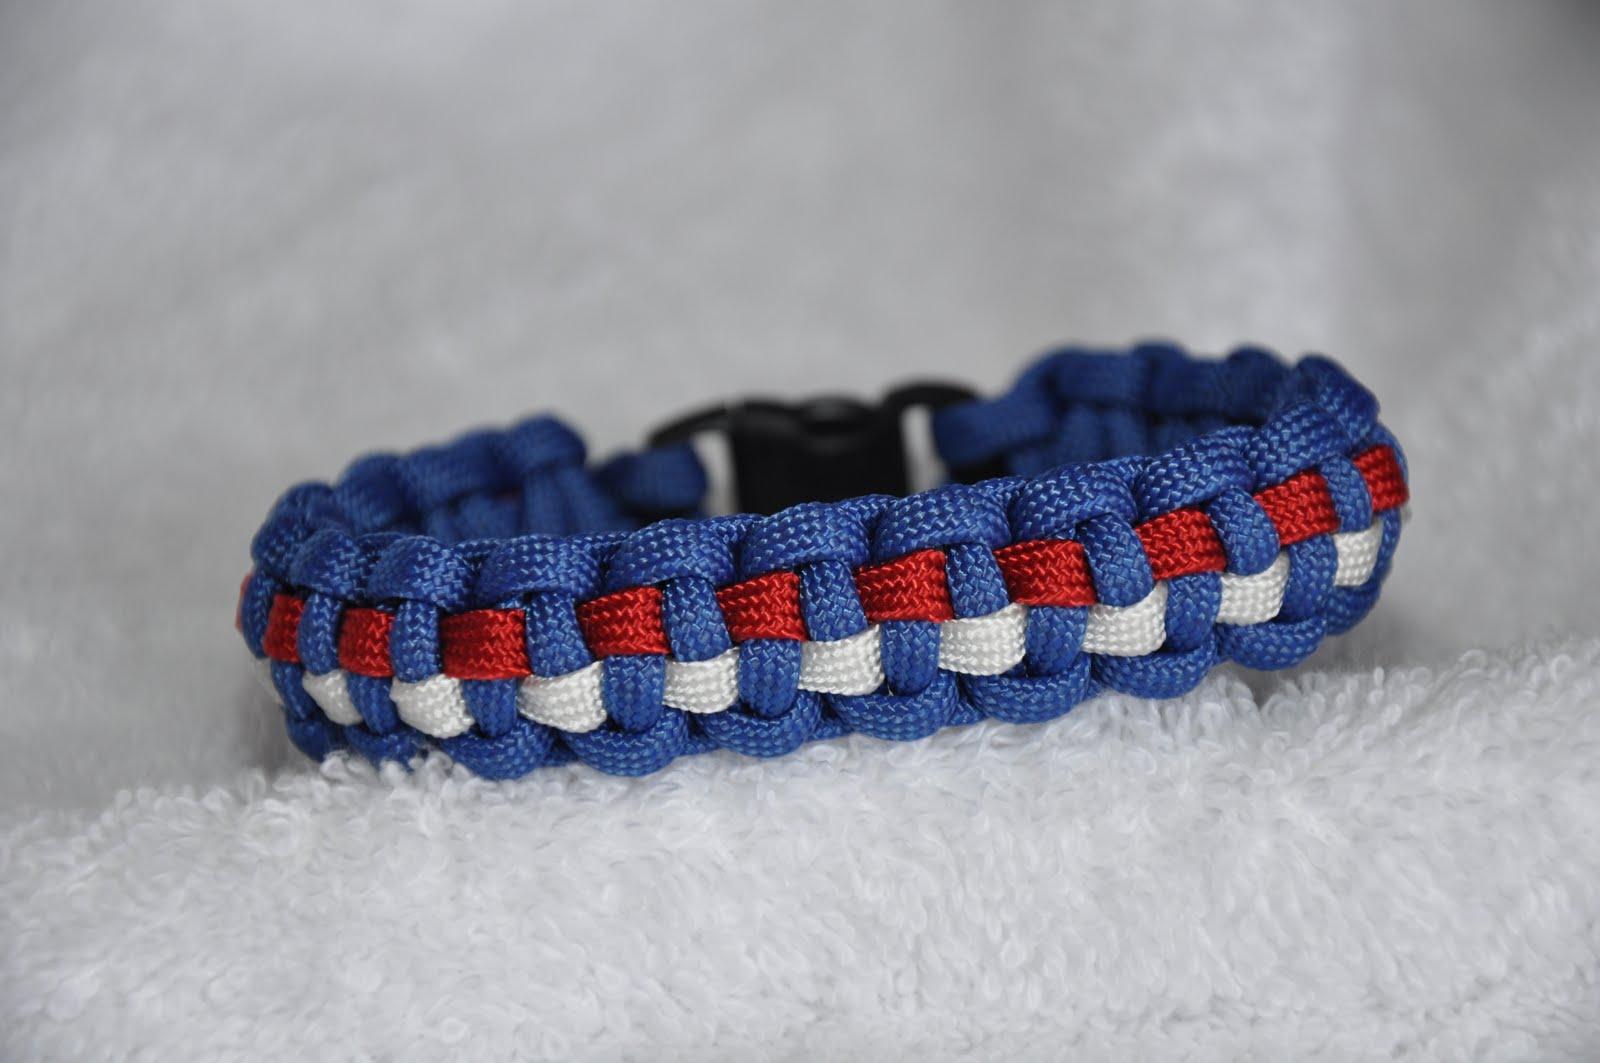 Paracord Designs Survival Bracelets Color Ideas